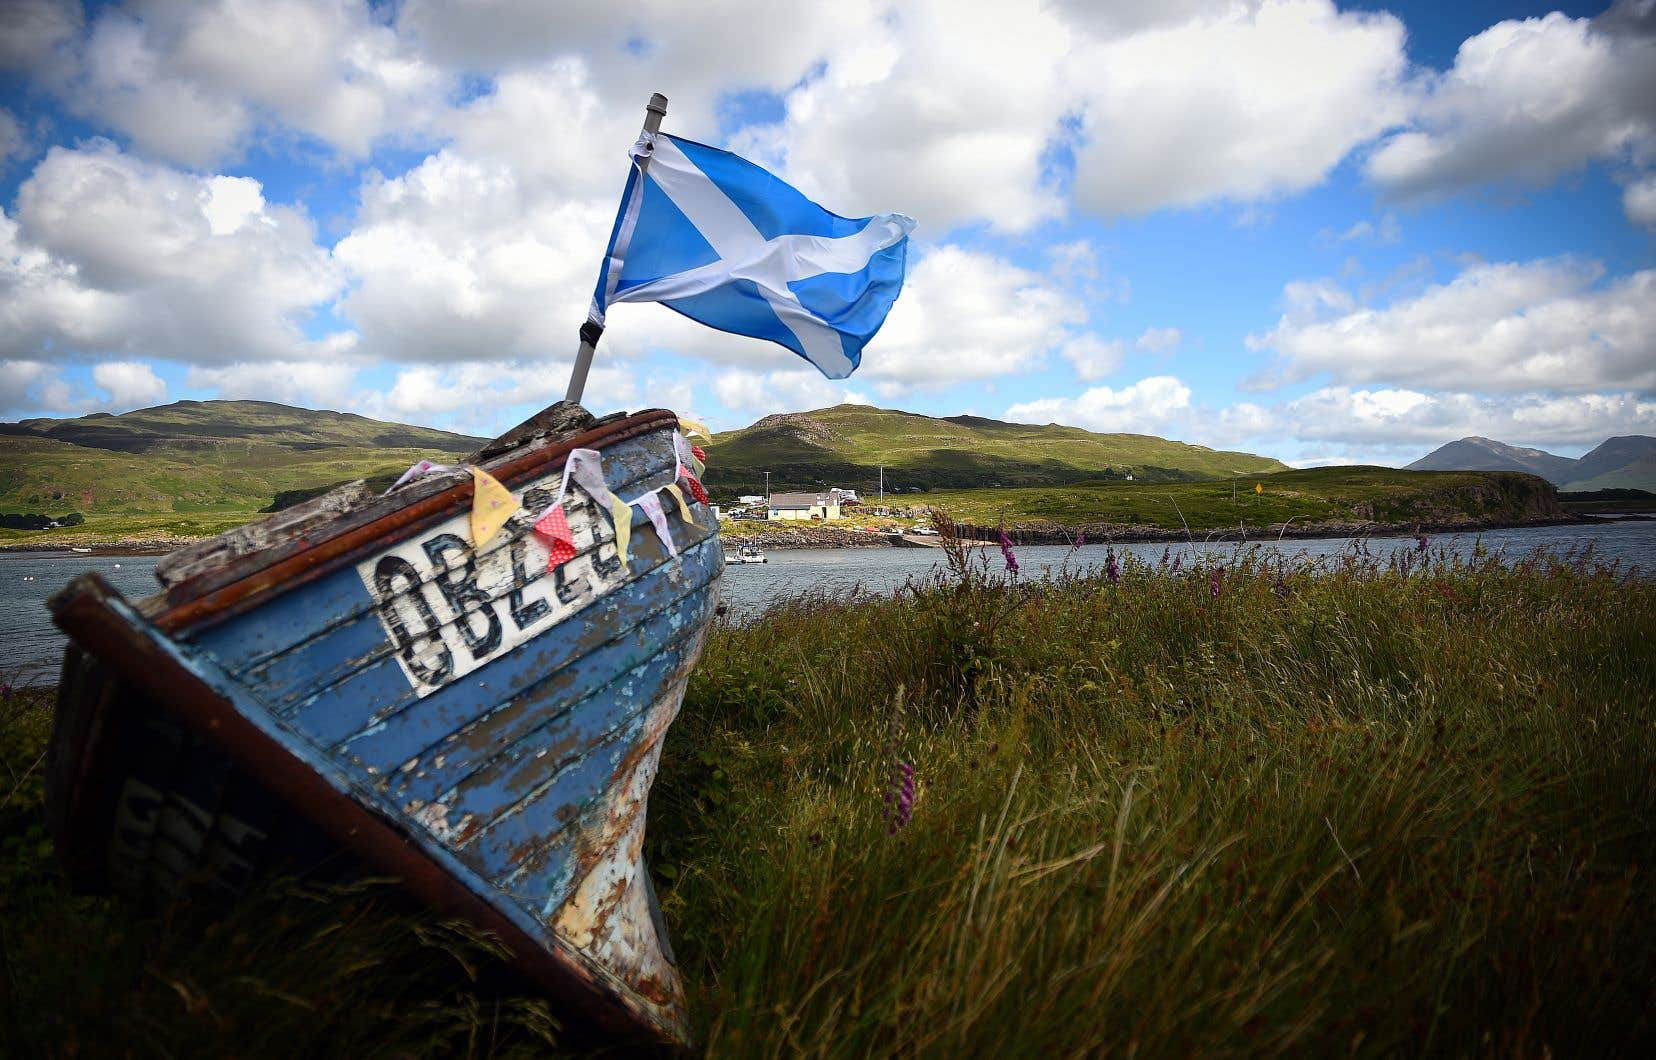 La campagne des conservateurs en Écosse a été marquée par des attaques contre les souverainistes.